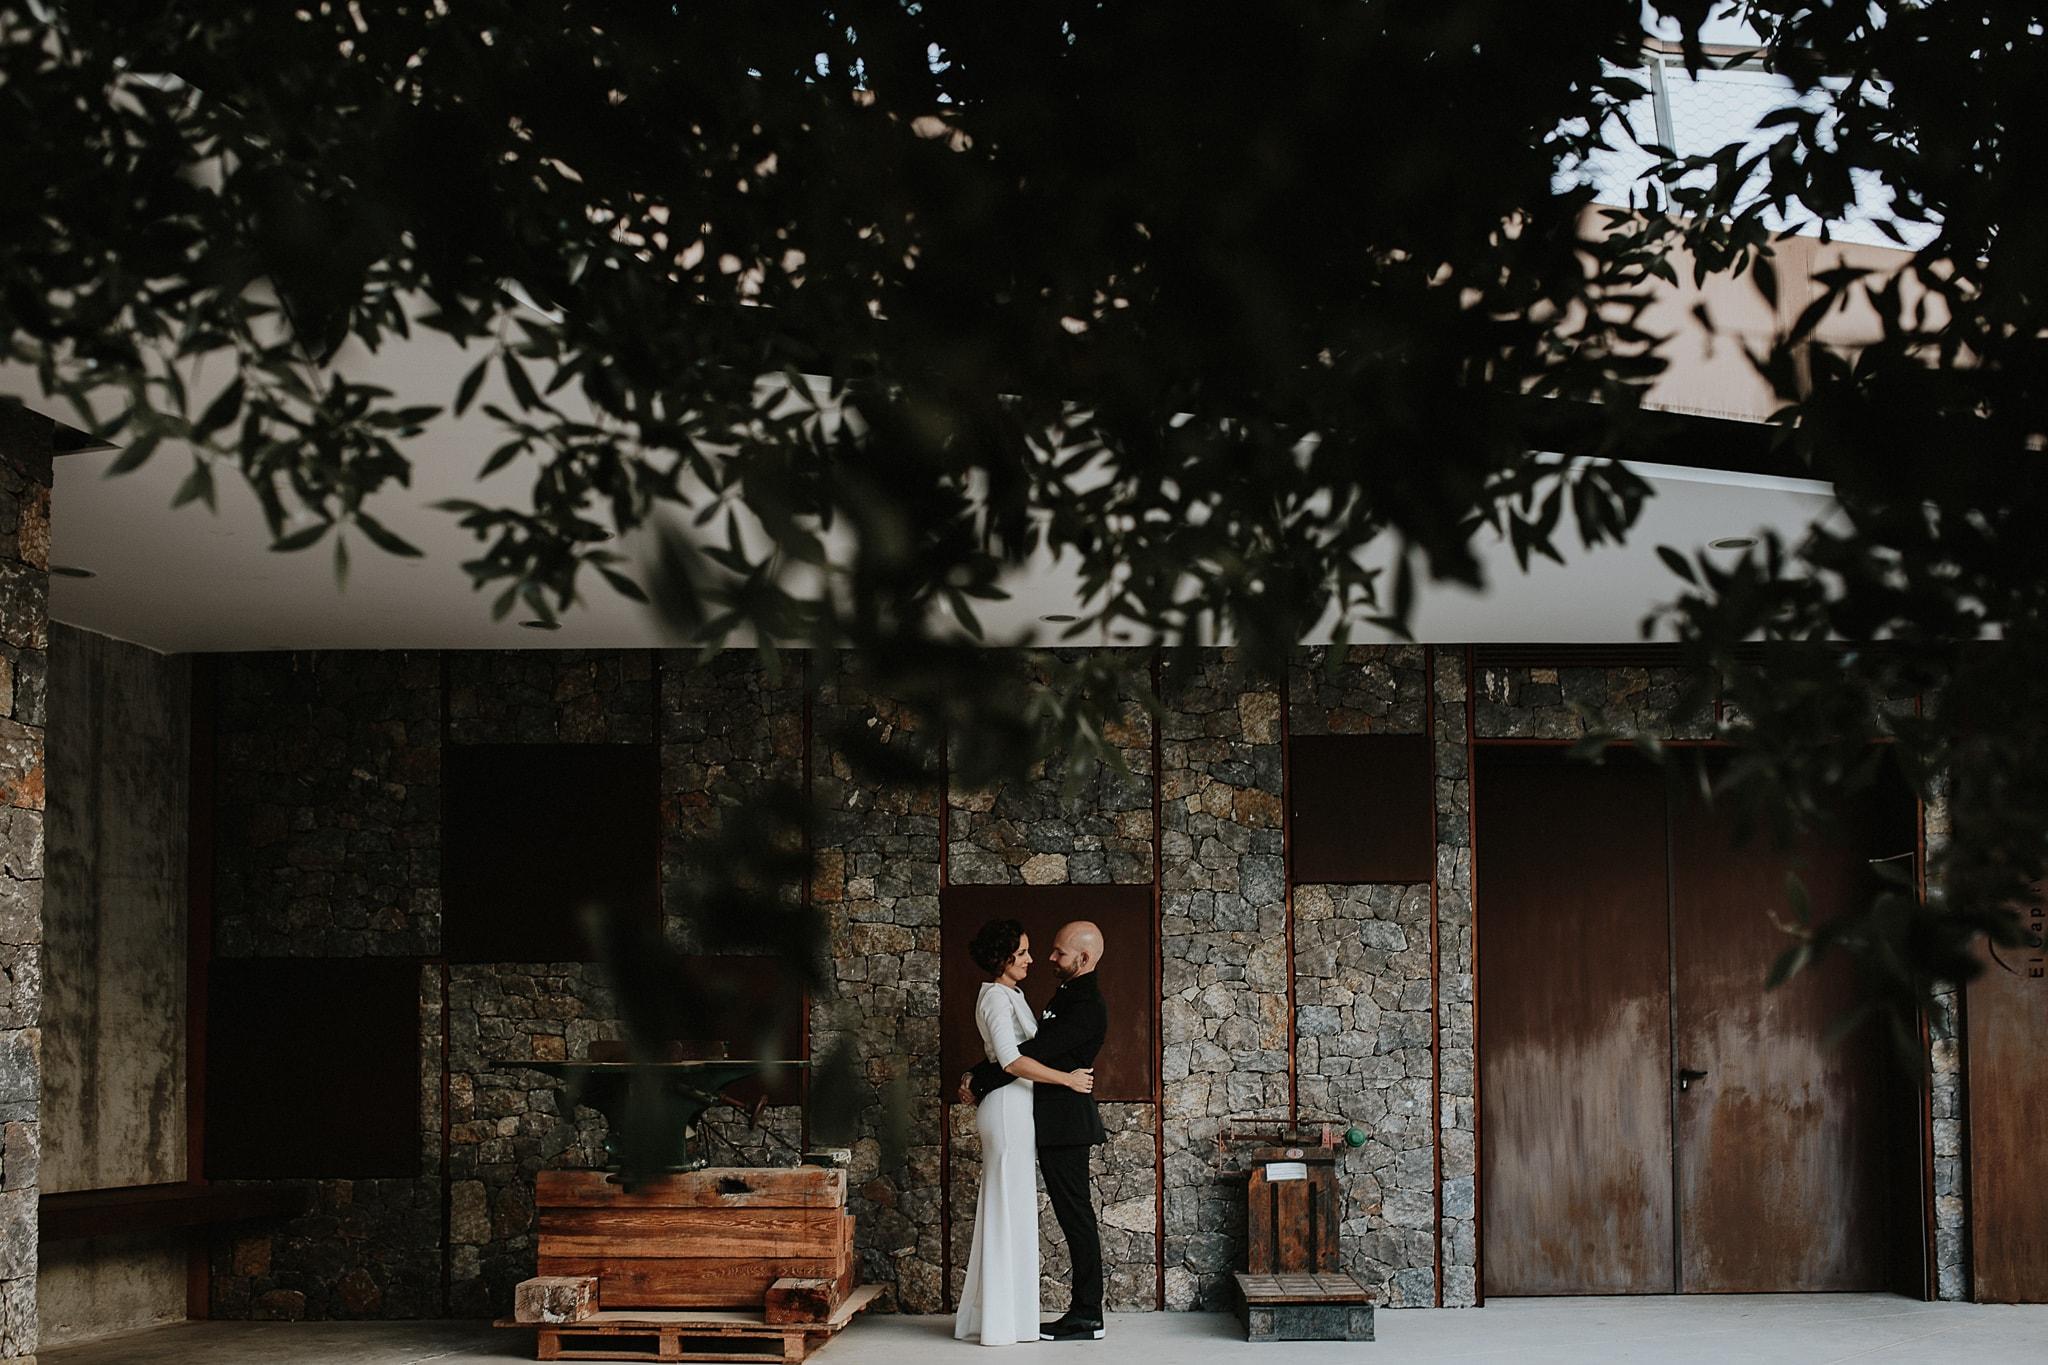 prisma-blanco-fotografia-bodas-altea-147